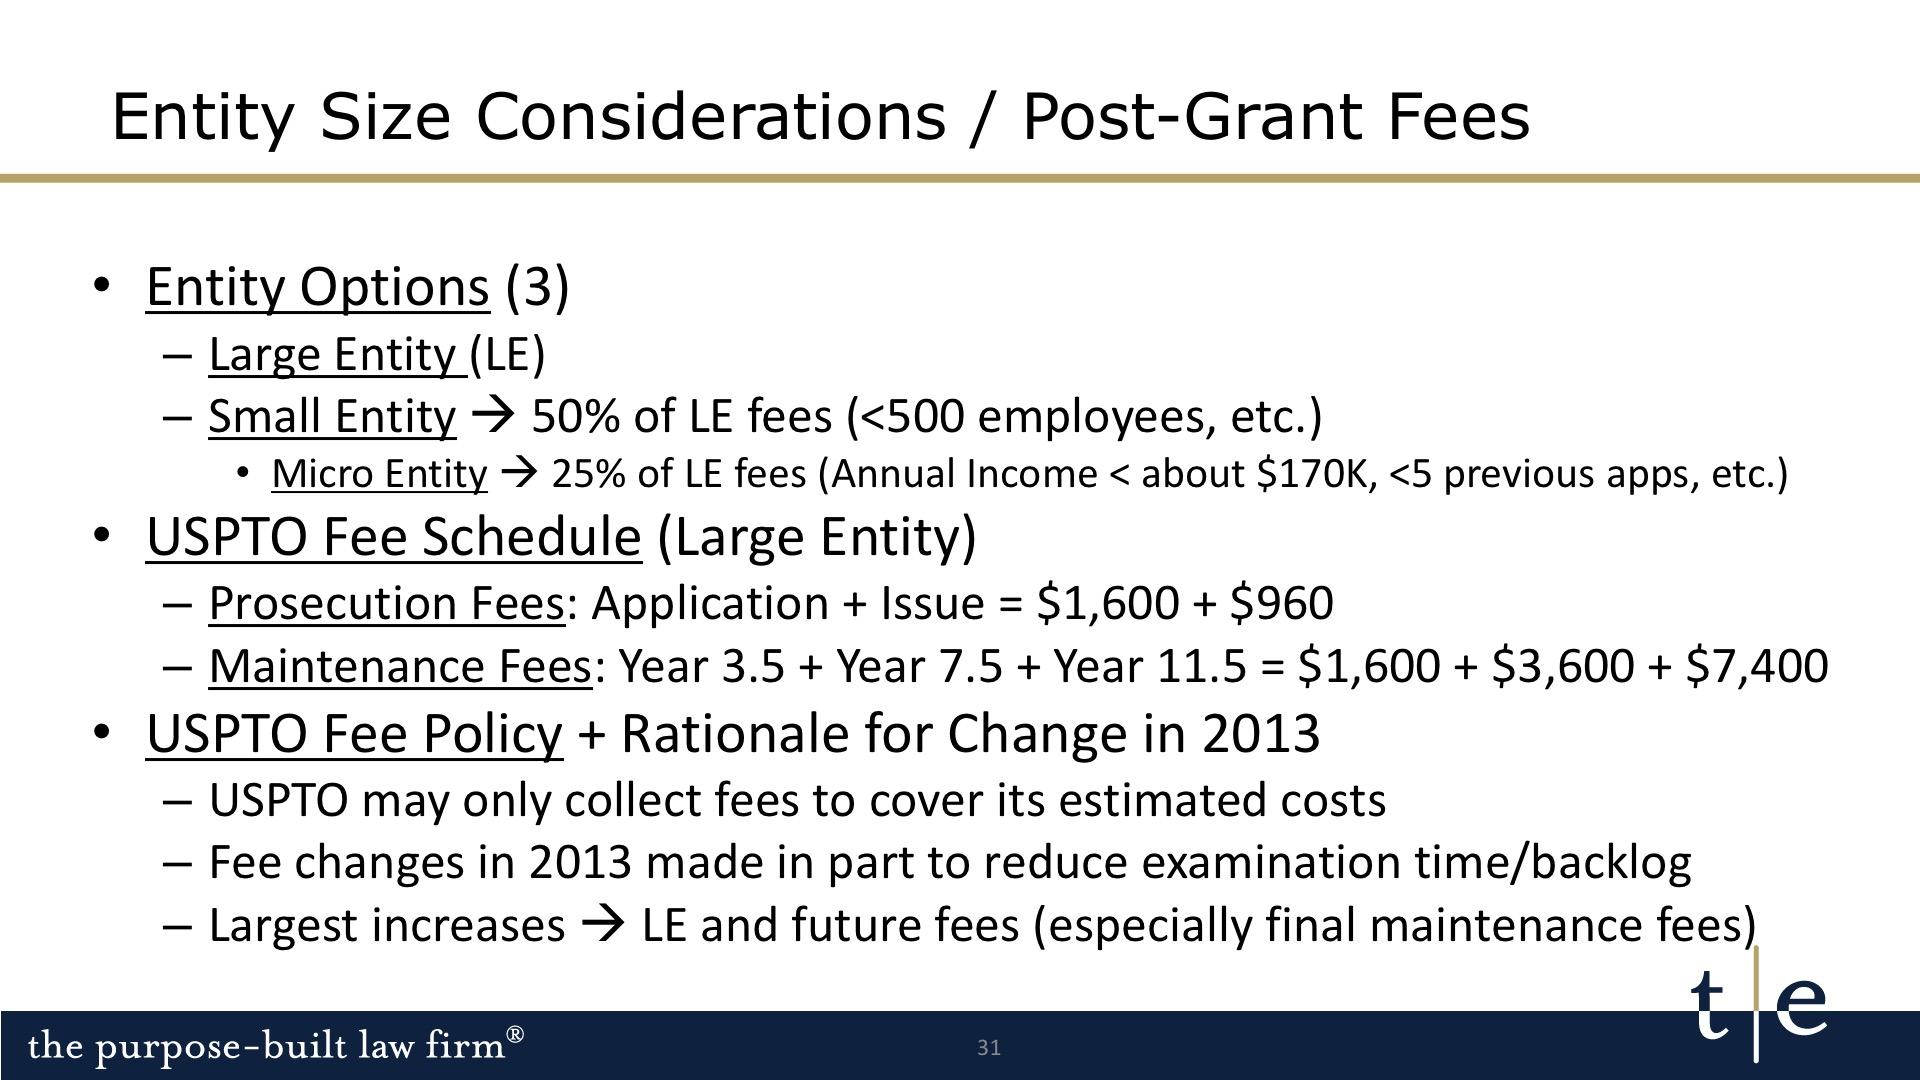 USPTO fee